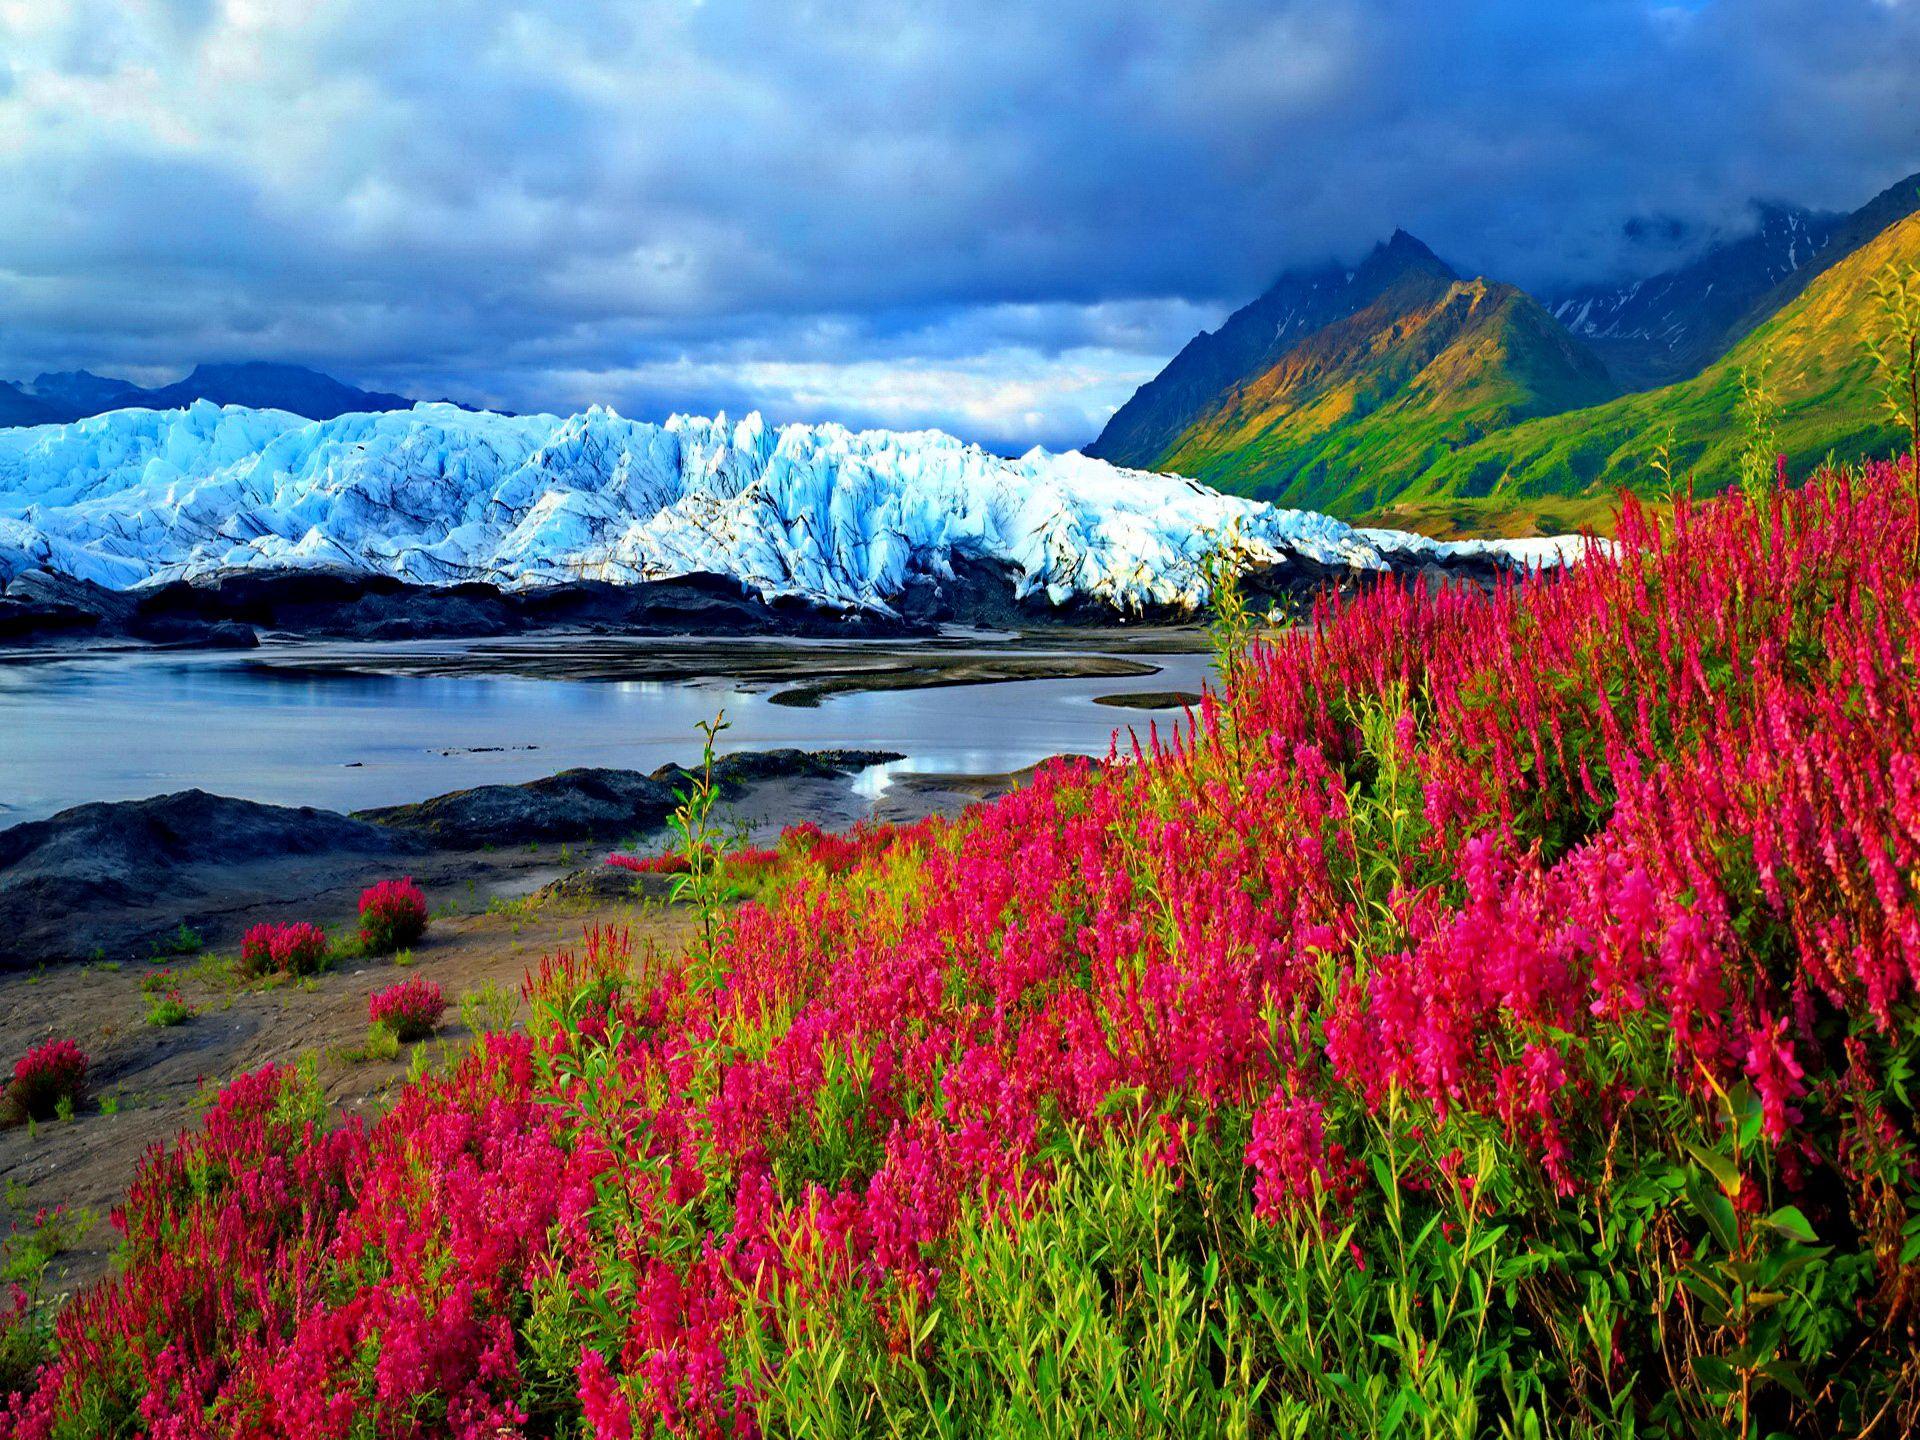 Картинки горы цветы вода снег красивые